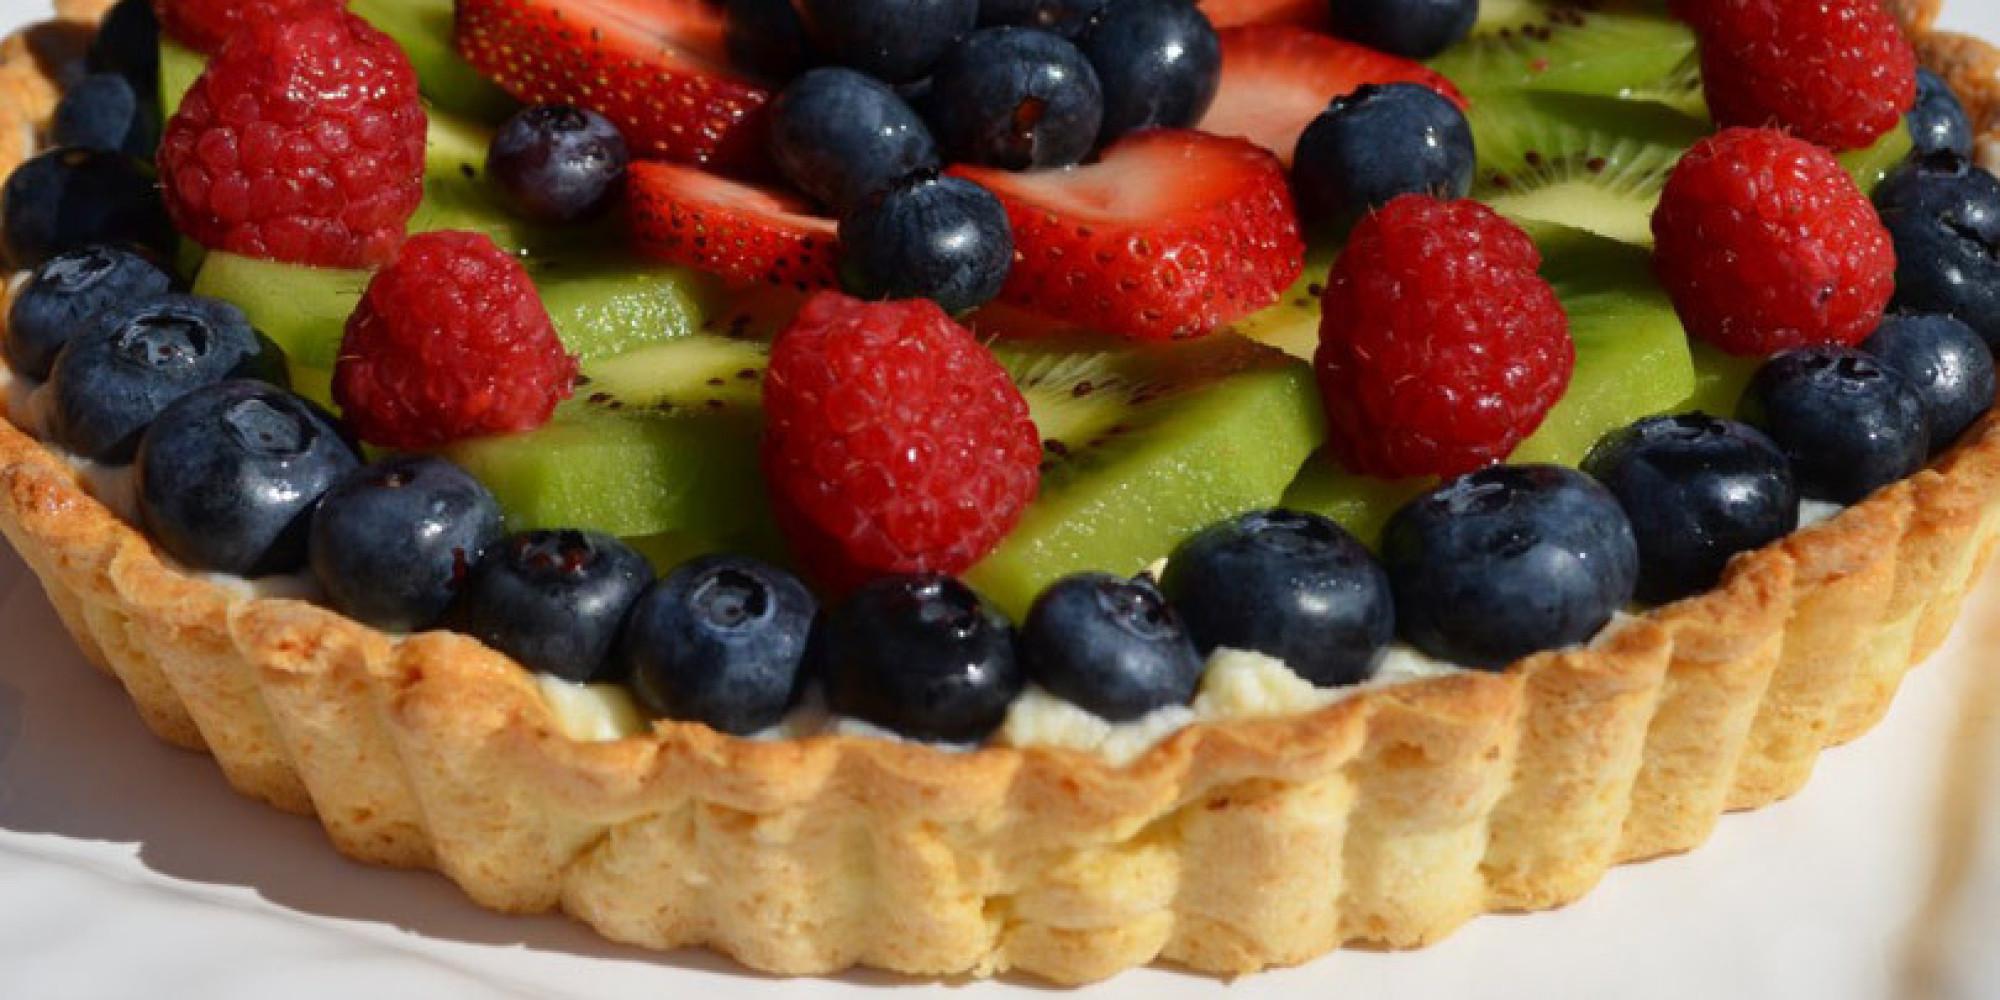 Gluten Free Summer Desserts  5 Gluten Free Desserts to Bring to a BBQ This Summer